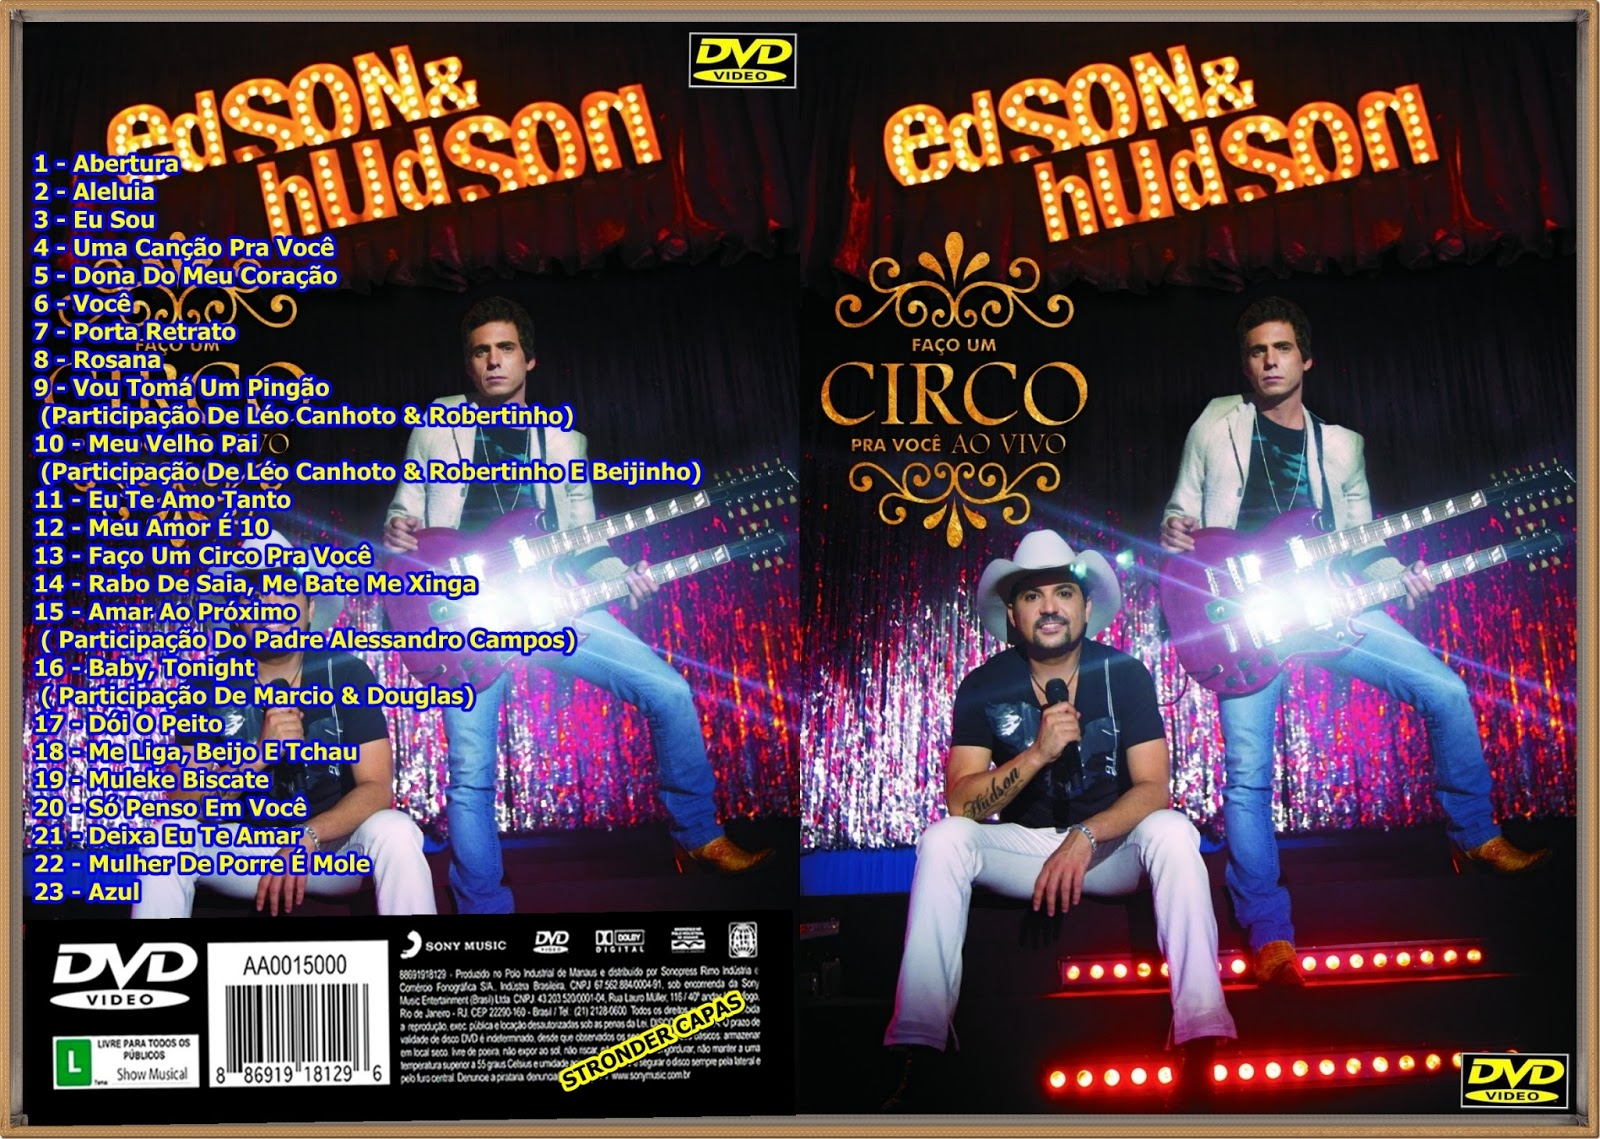 dvd edson e hudson fao um circo pra voce